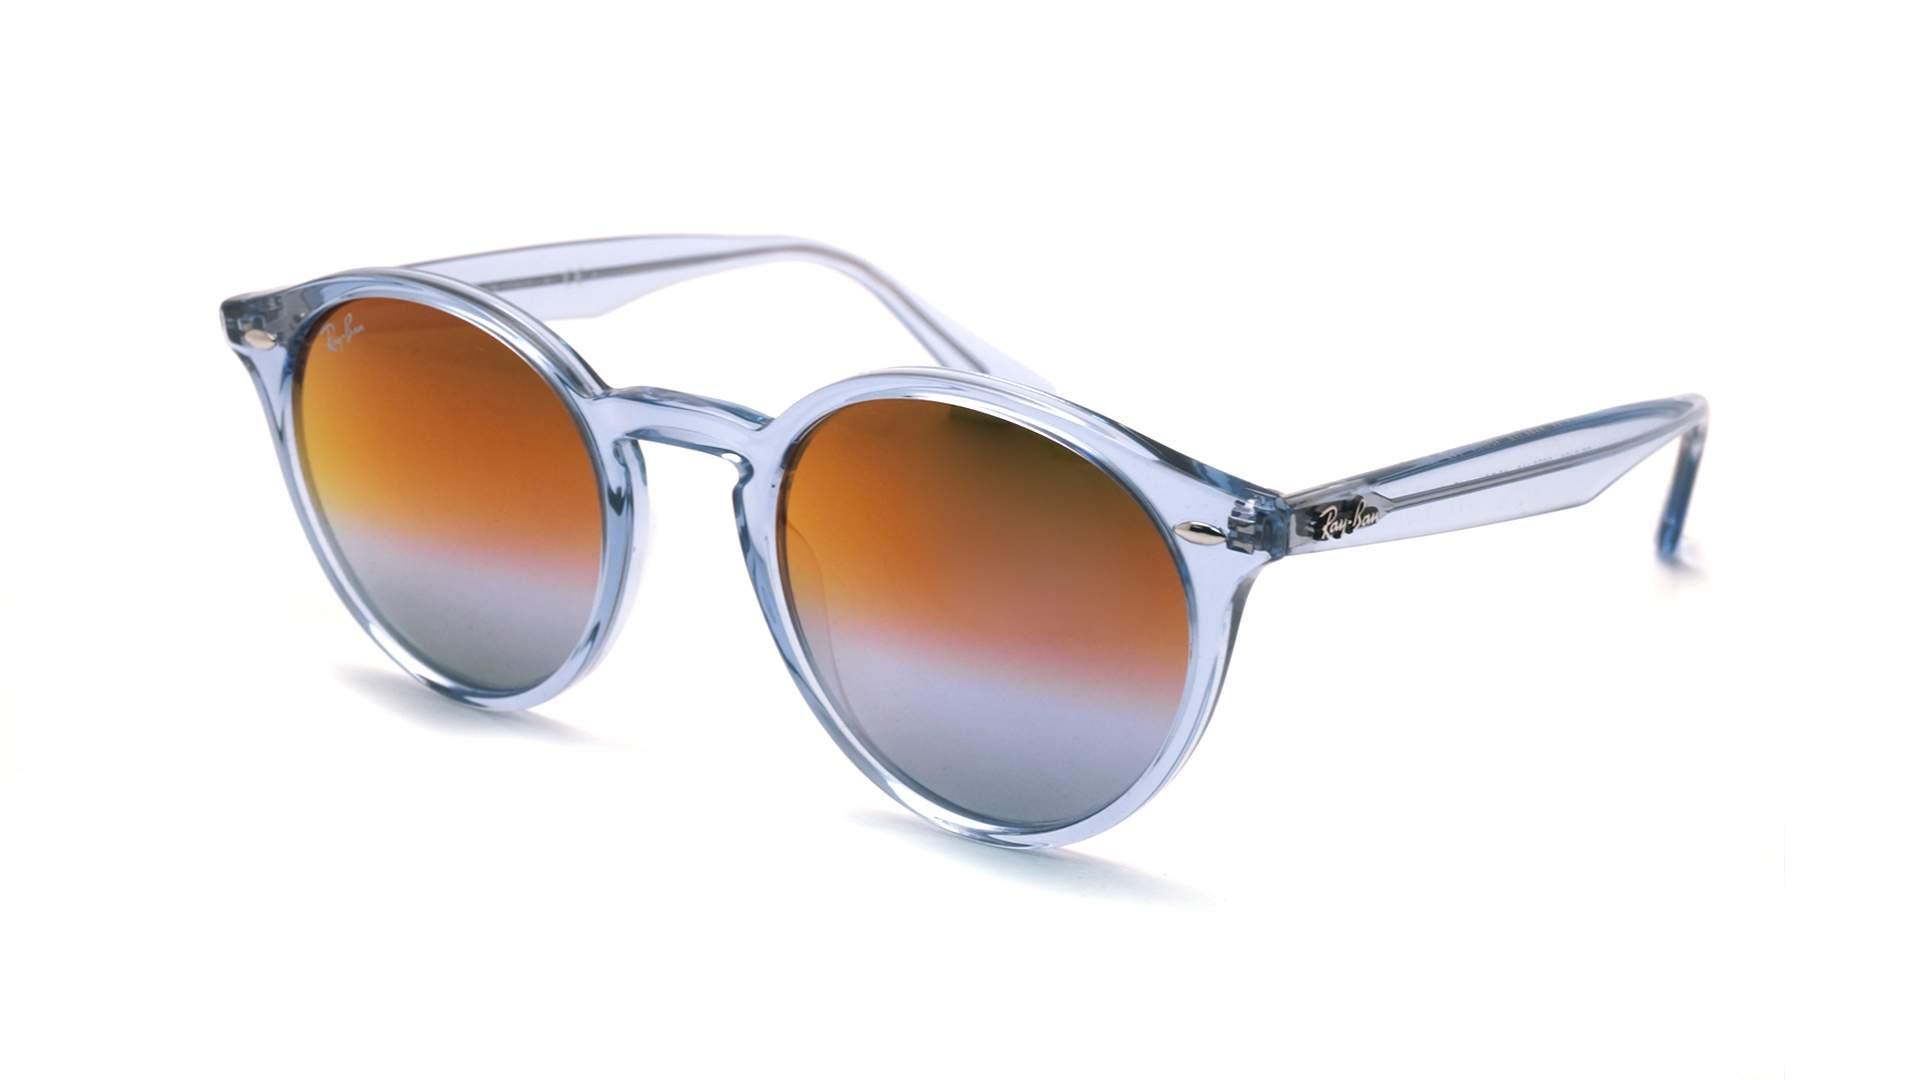 cee35e22a1 Sunglasses Ray-Ban RB2180 6278A9 49-21 Blue Medium Gradient Mirror